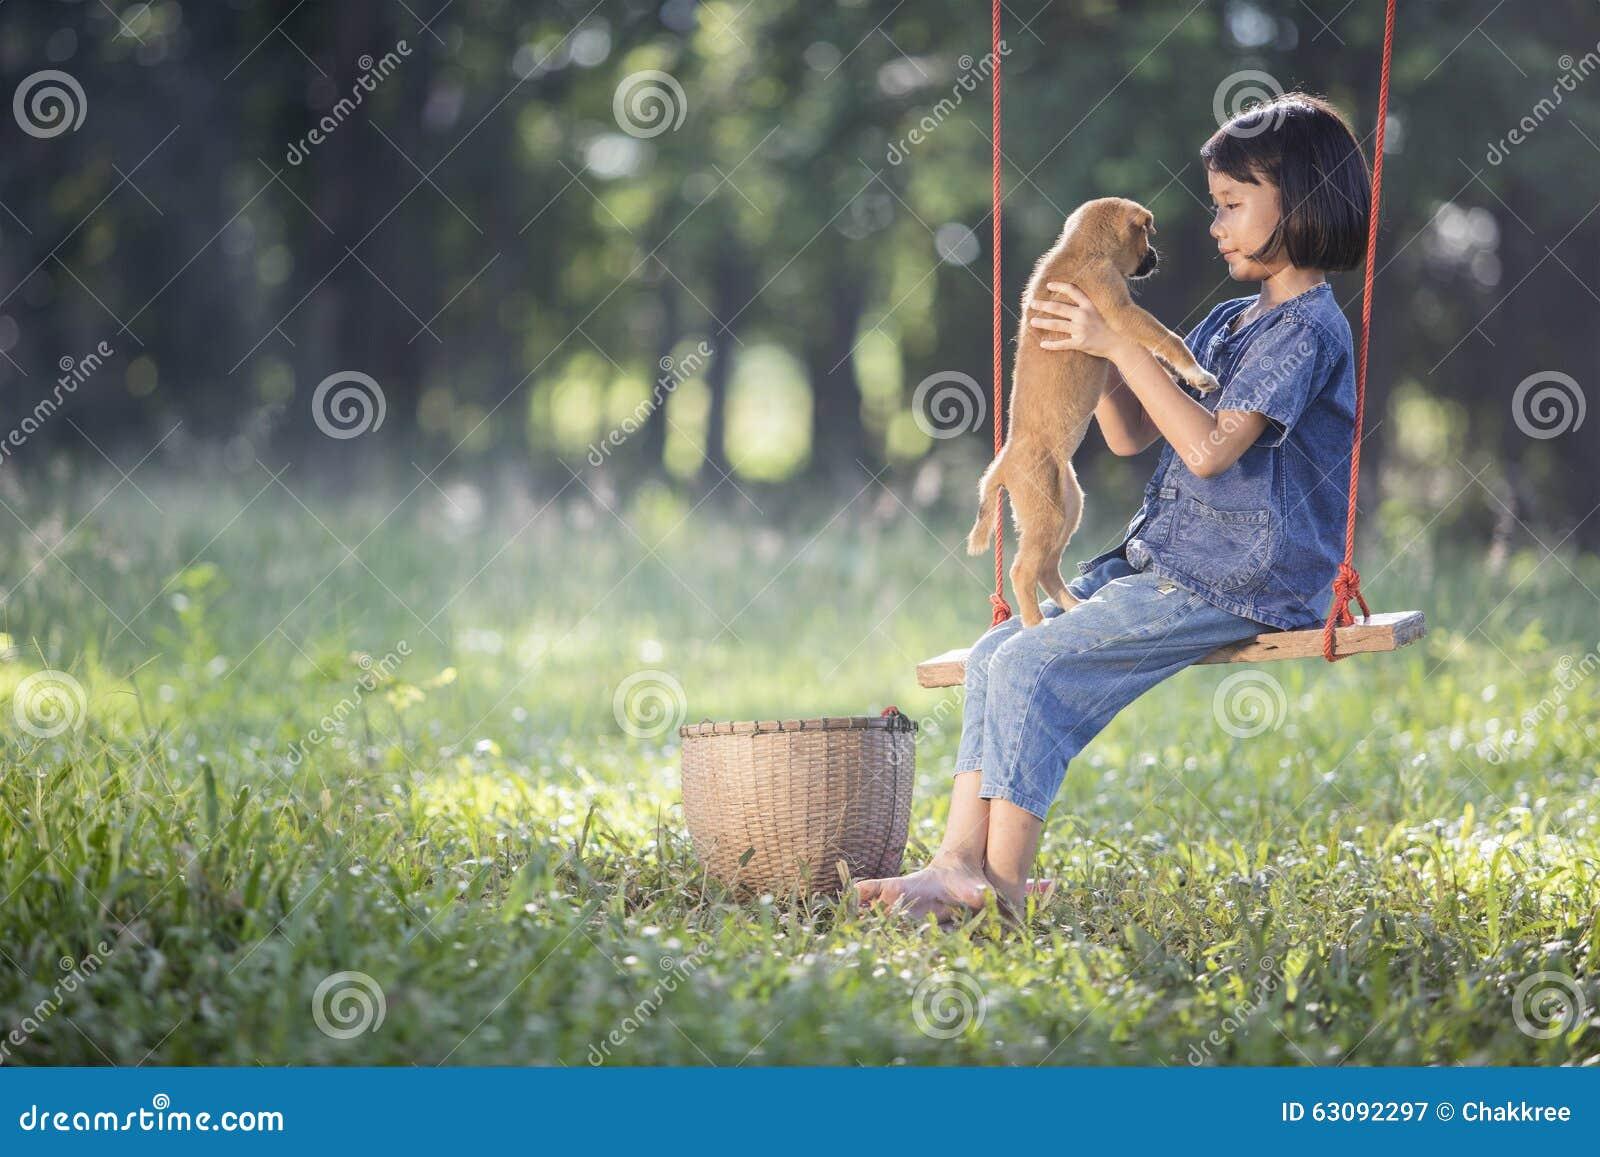 Download Bébé Asiatique Sur L'oscillation Avec Le Chiot Image stock - Image du animal, enfants: 63092297